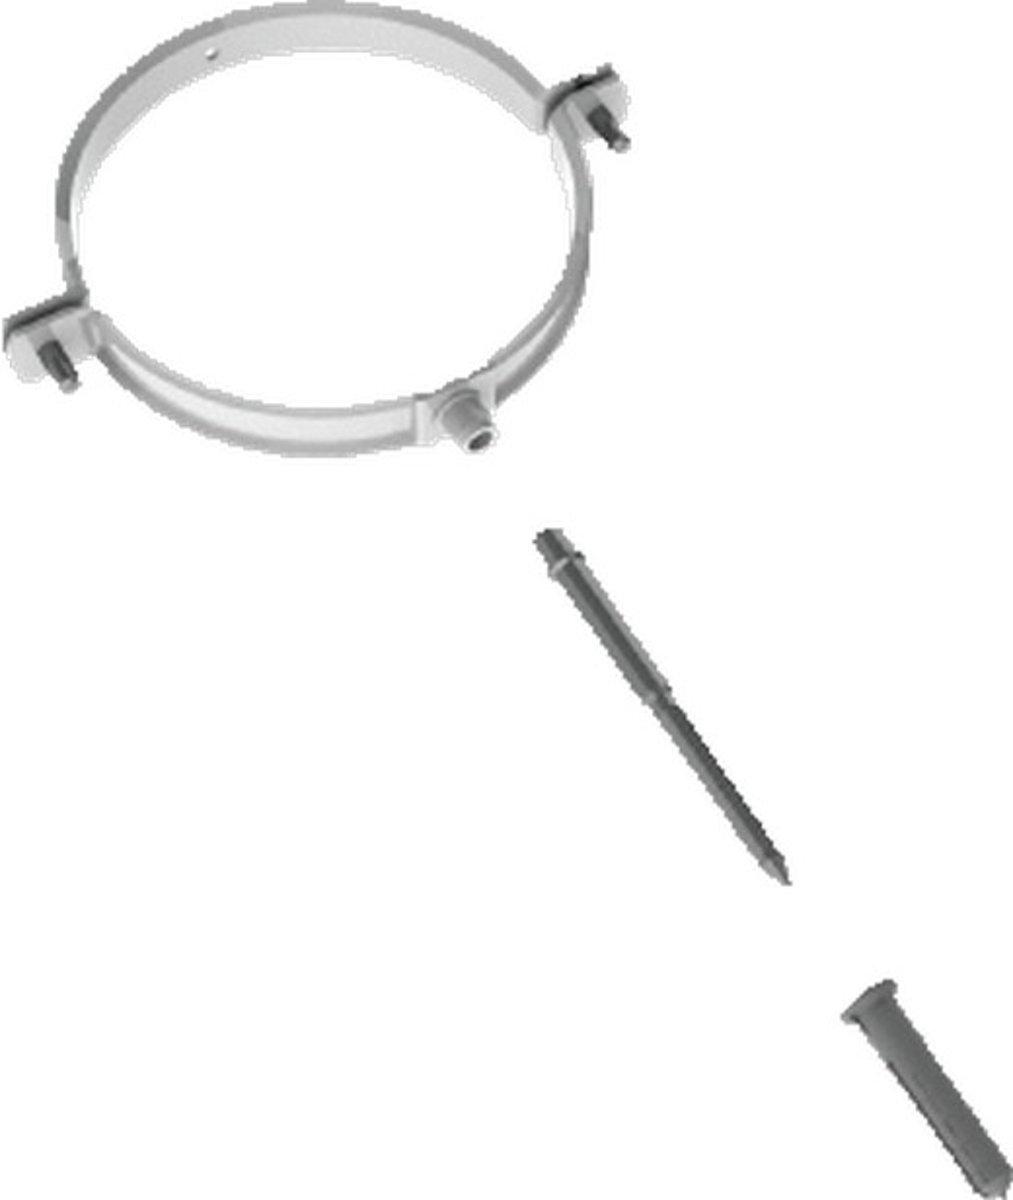 BUHO tweedelige beugel Alu-fix, alu, zw, uitw buisdiam 80 - 0mm kopen